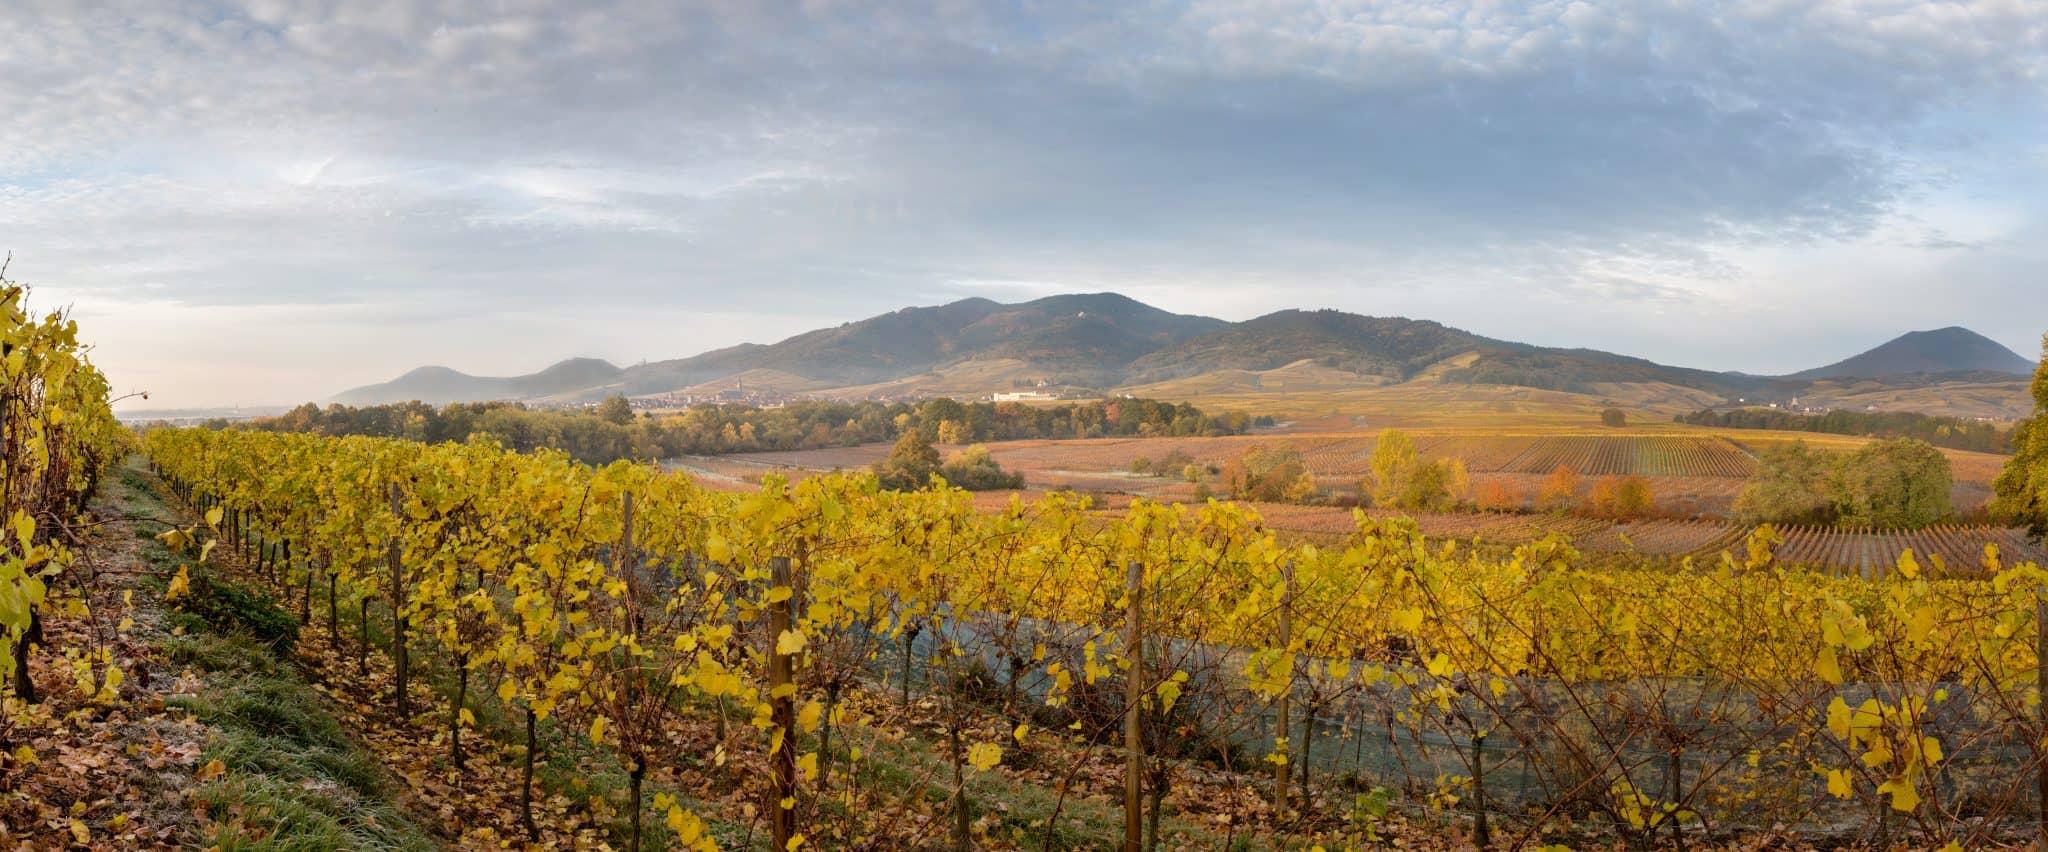 Vignoble-alsace-vins-vigne-cépages